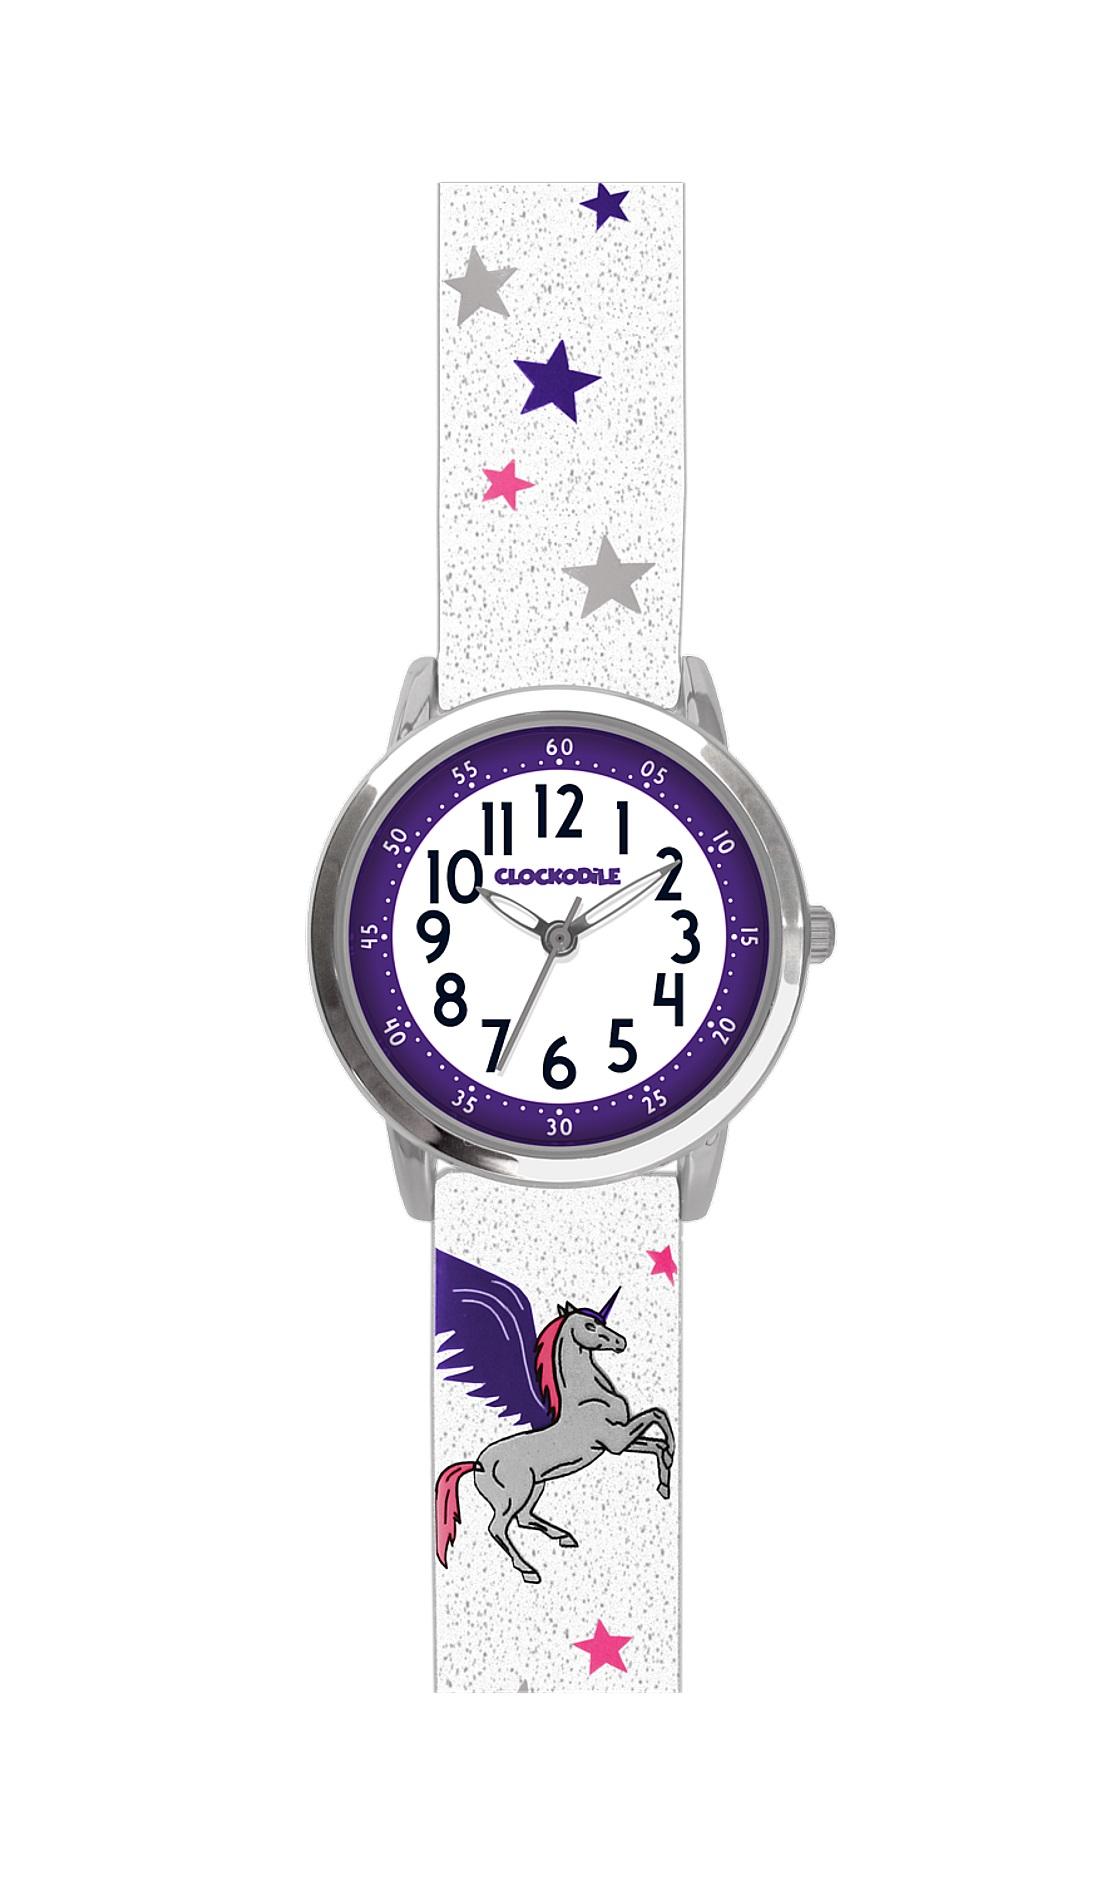 Třpytivé dívčí hodinky se stříbrným jednorožcem CLOCKODILE UNICORNS CWG5032 (CWG5032)